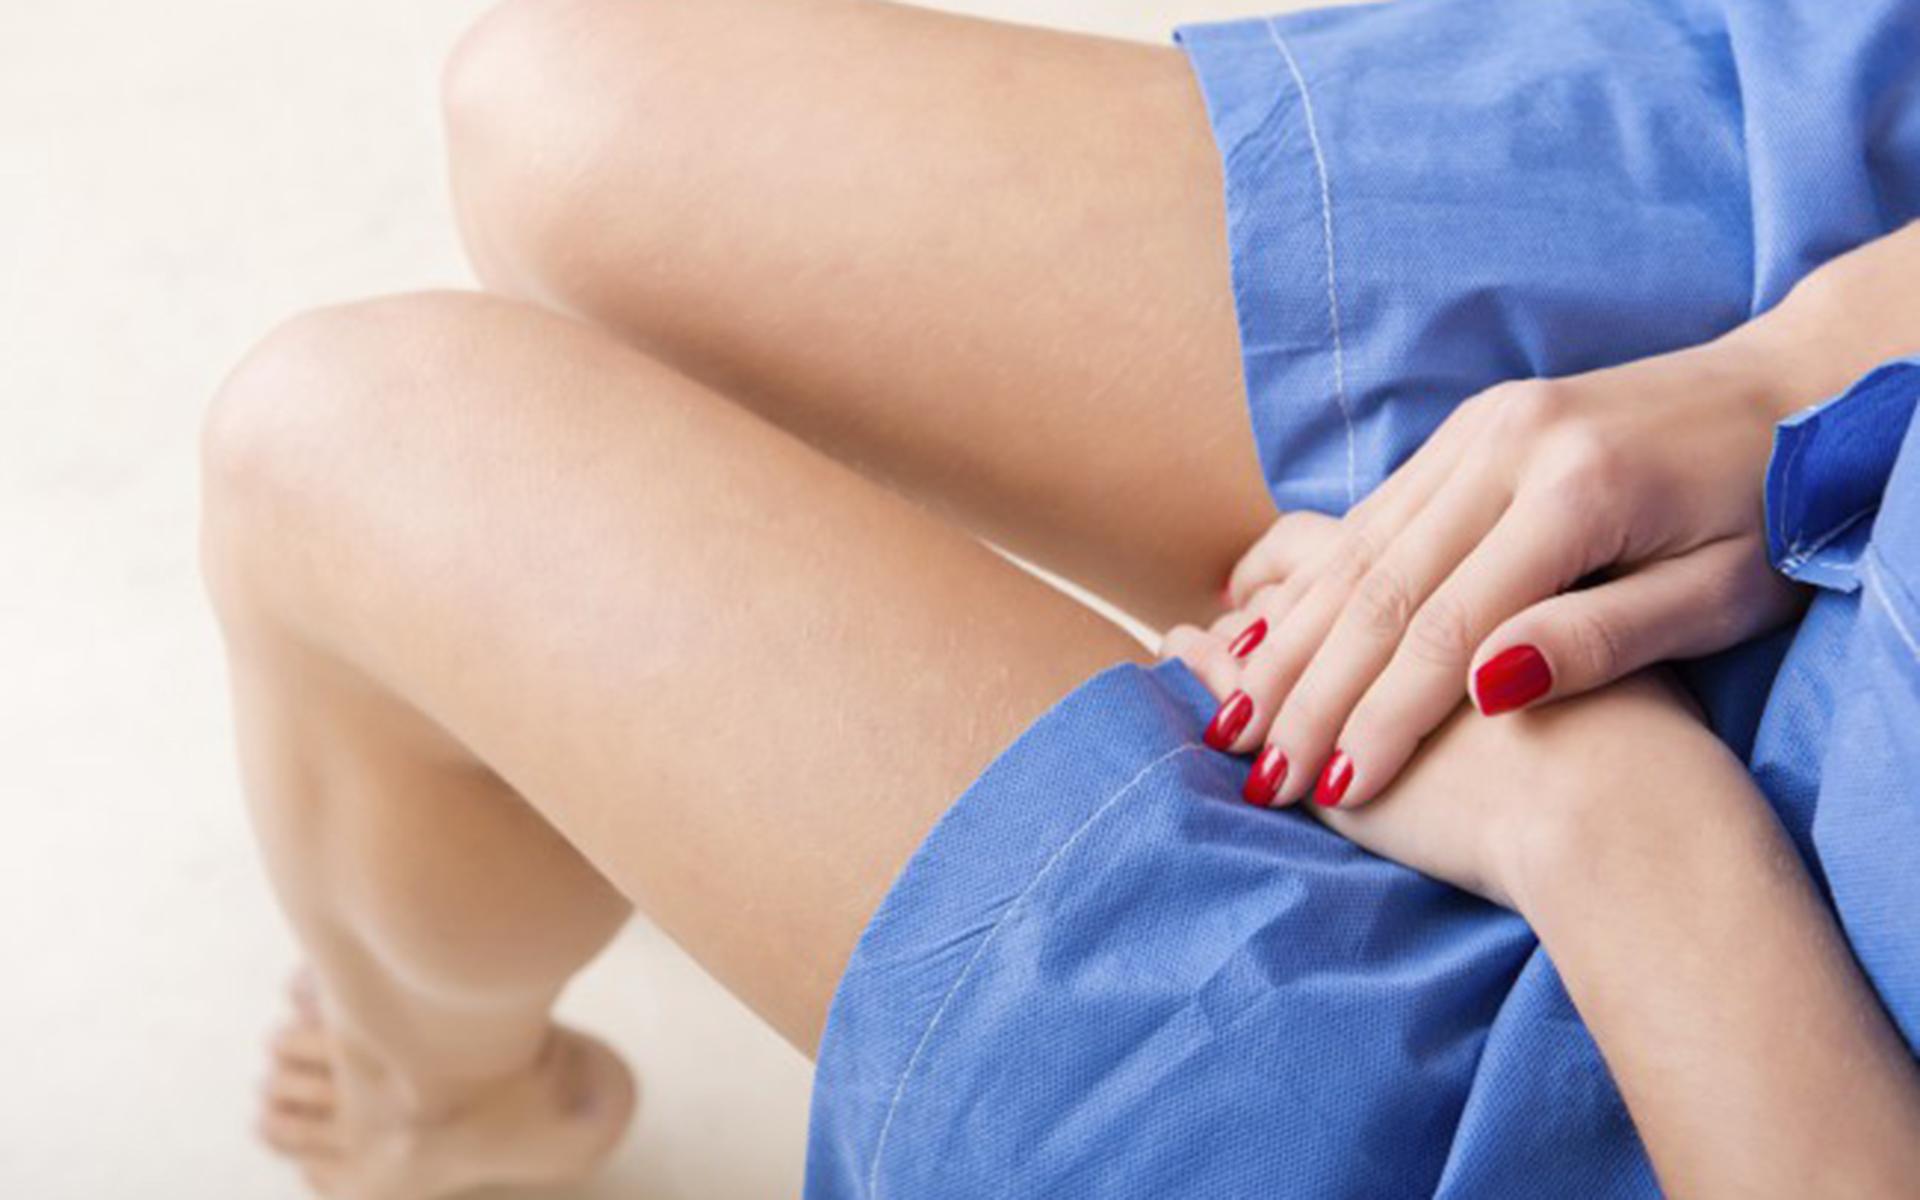 îndepărtarea verucilor genitale de către un proctolog)